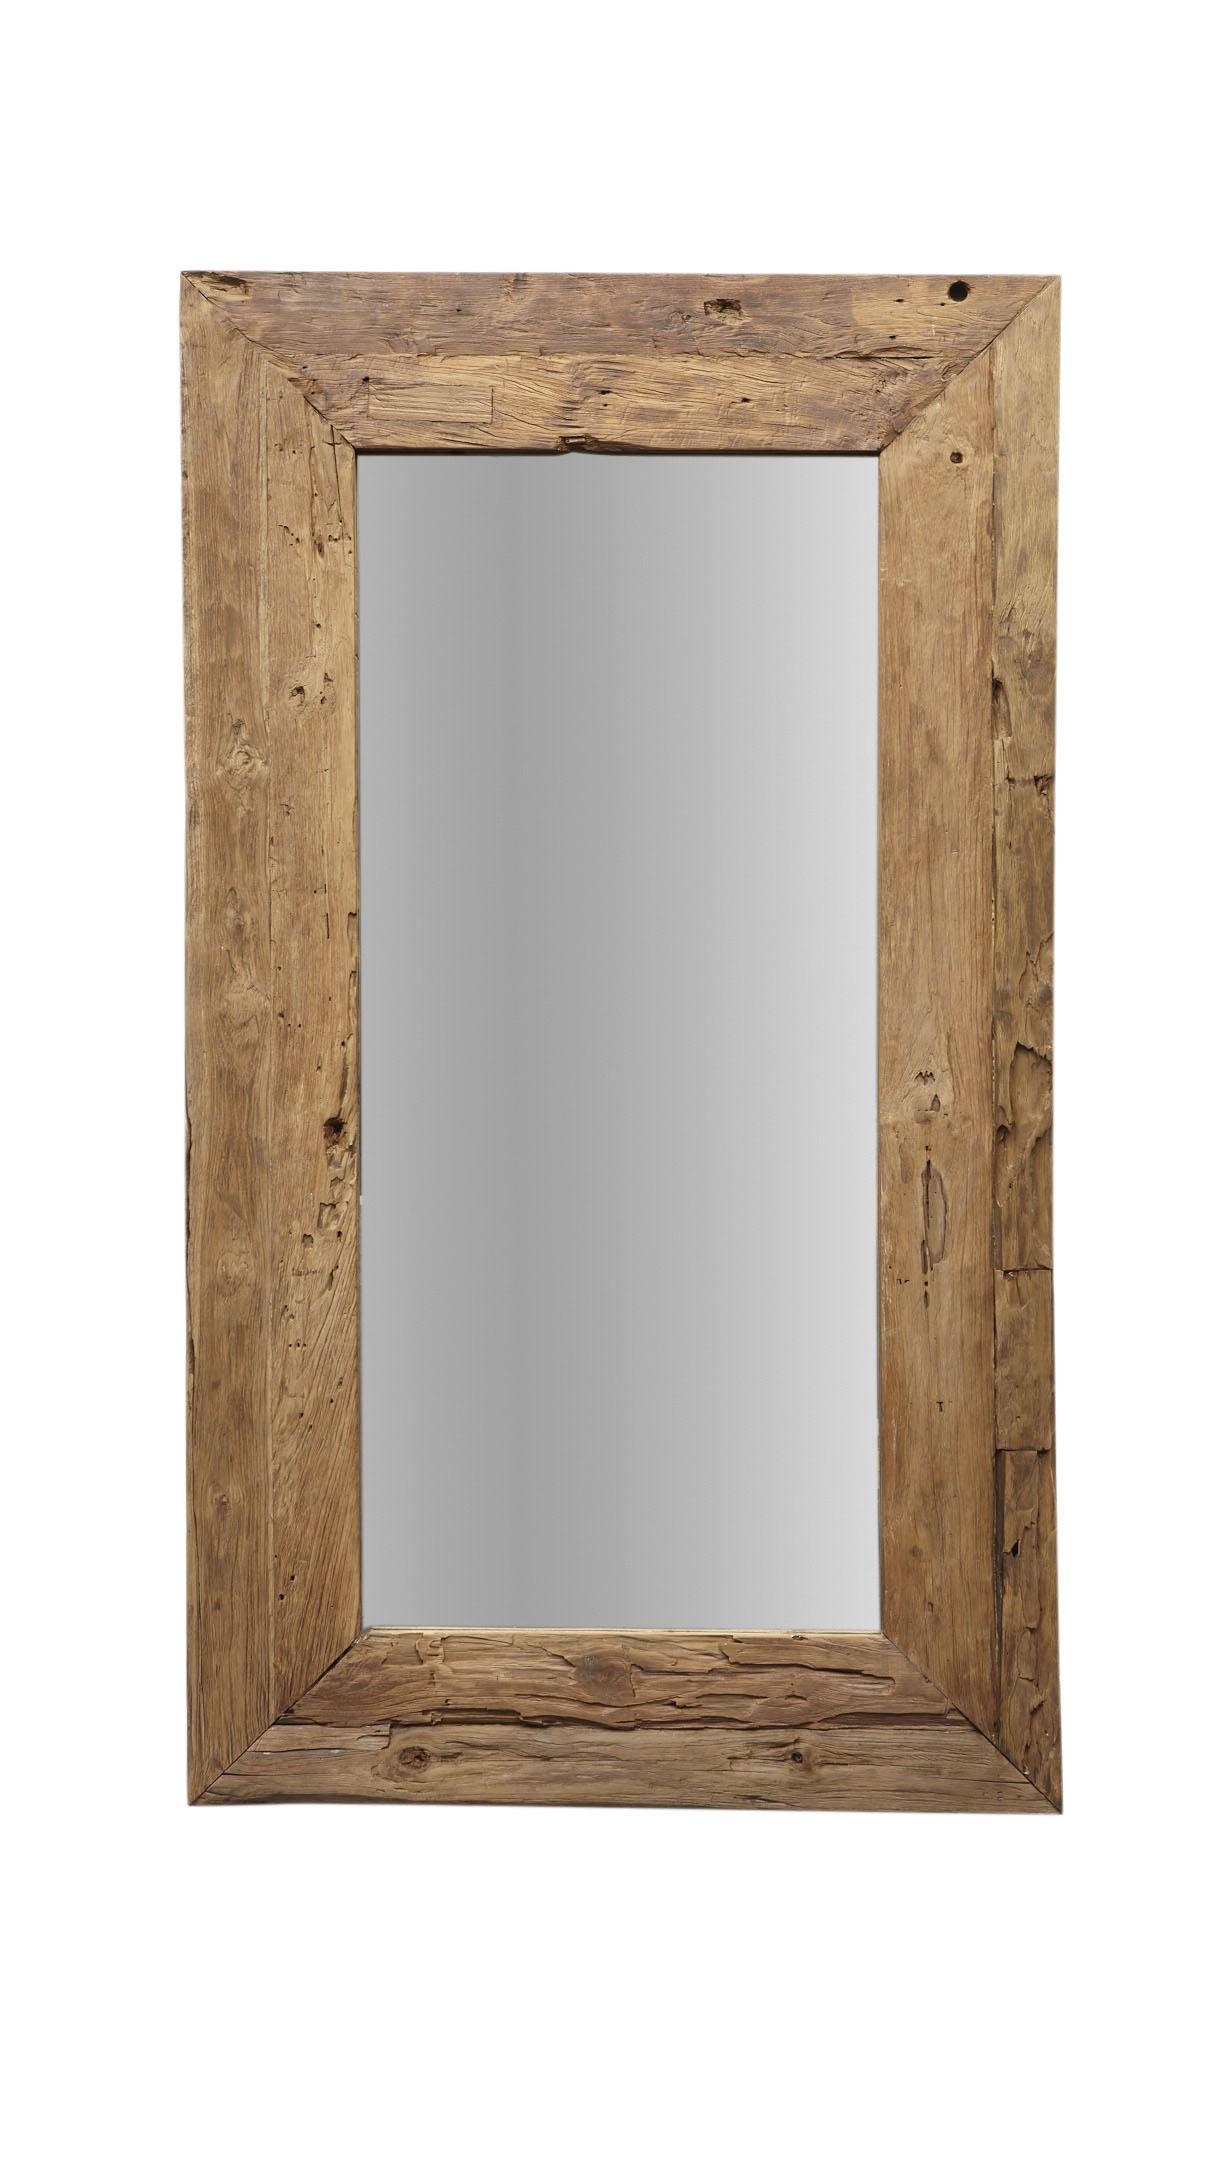 Spiegel Flur wohnland breitwieser räume flur diele spiegel wandspiegel